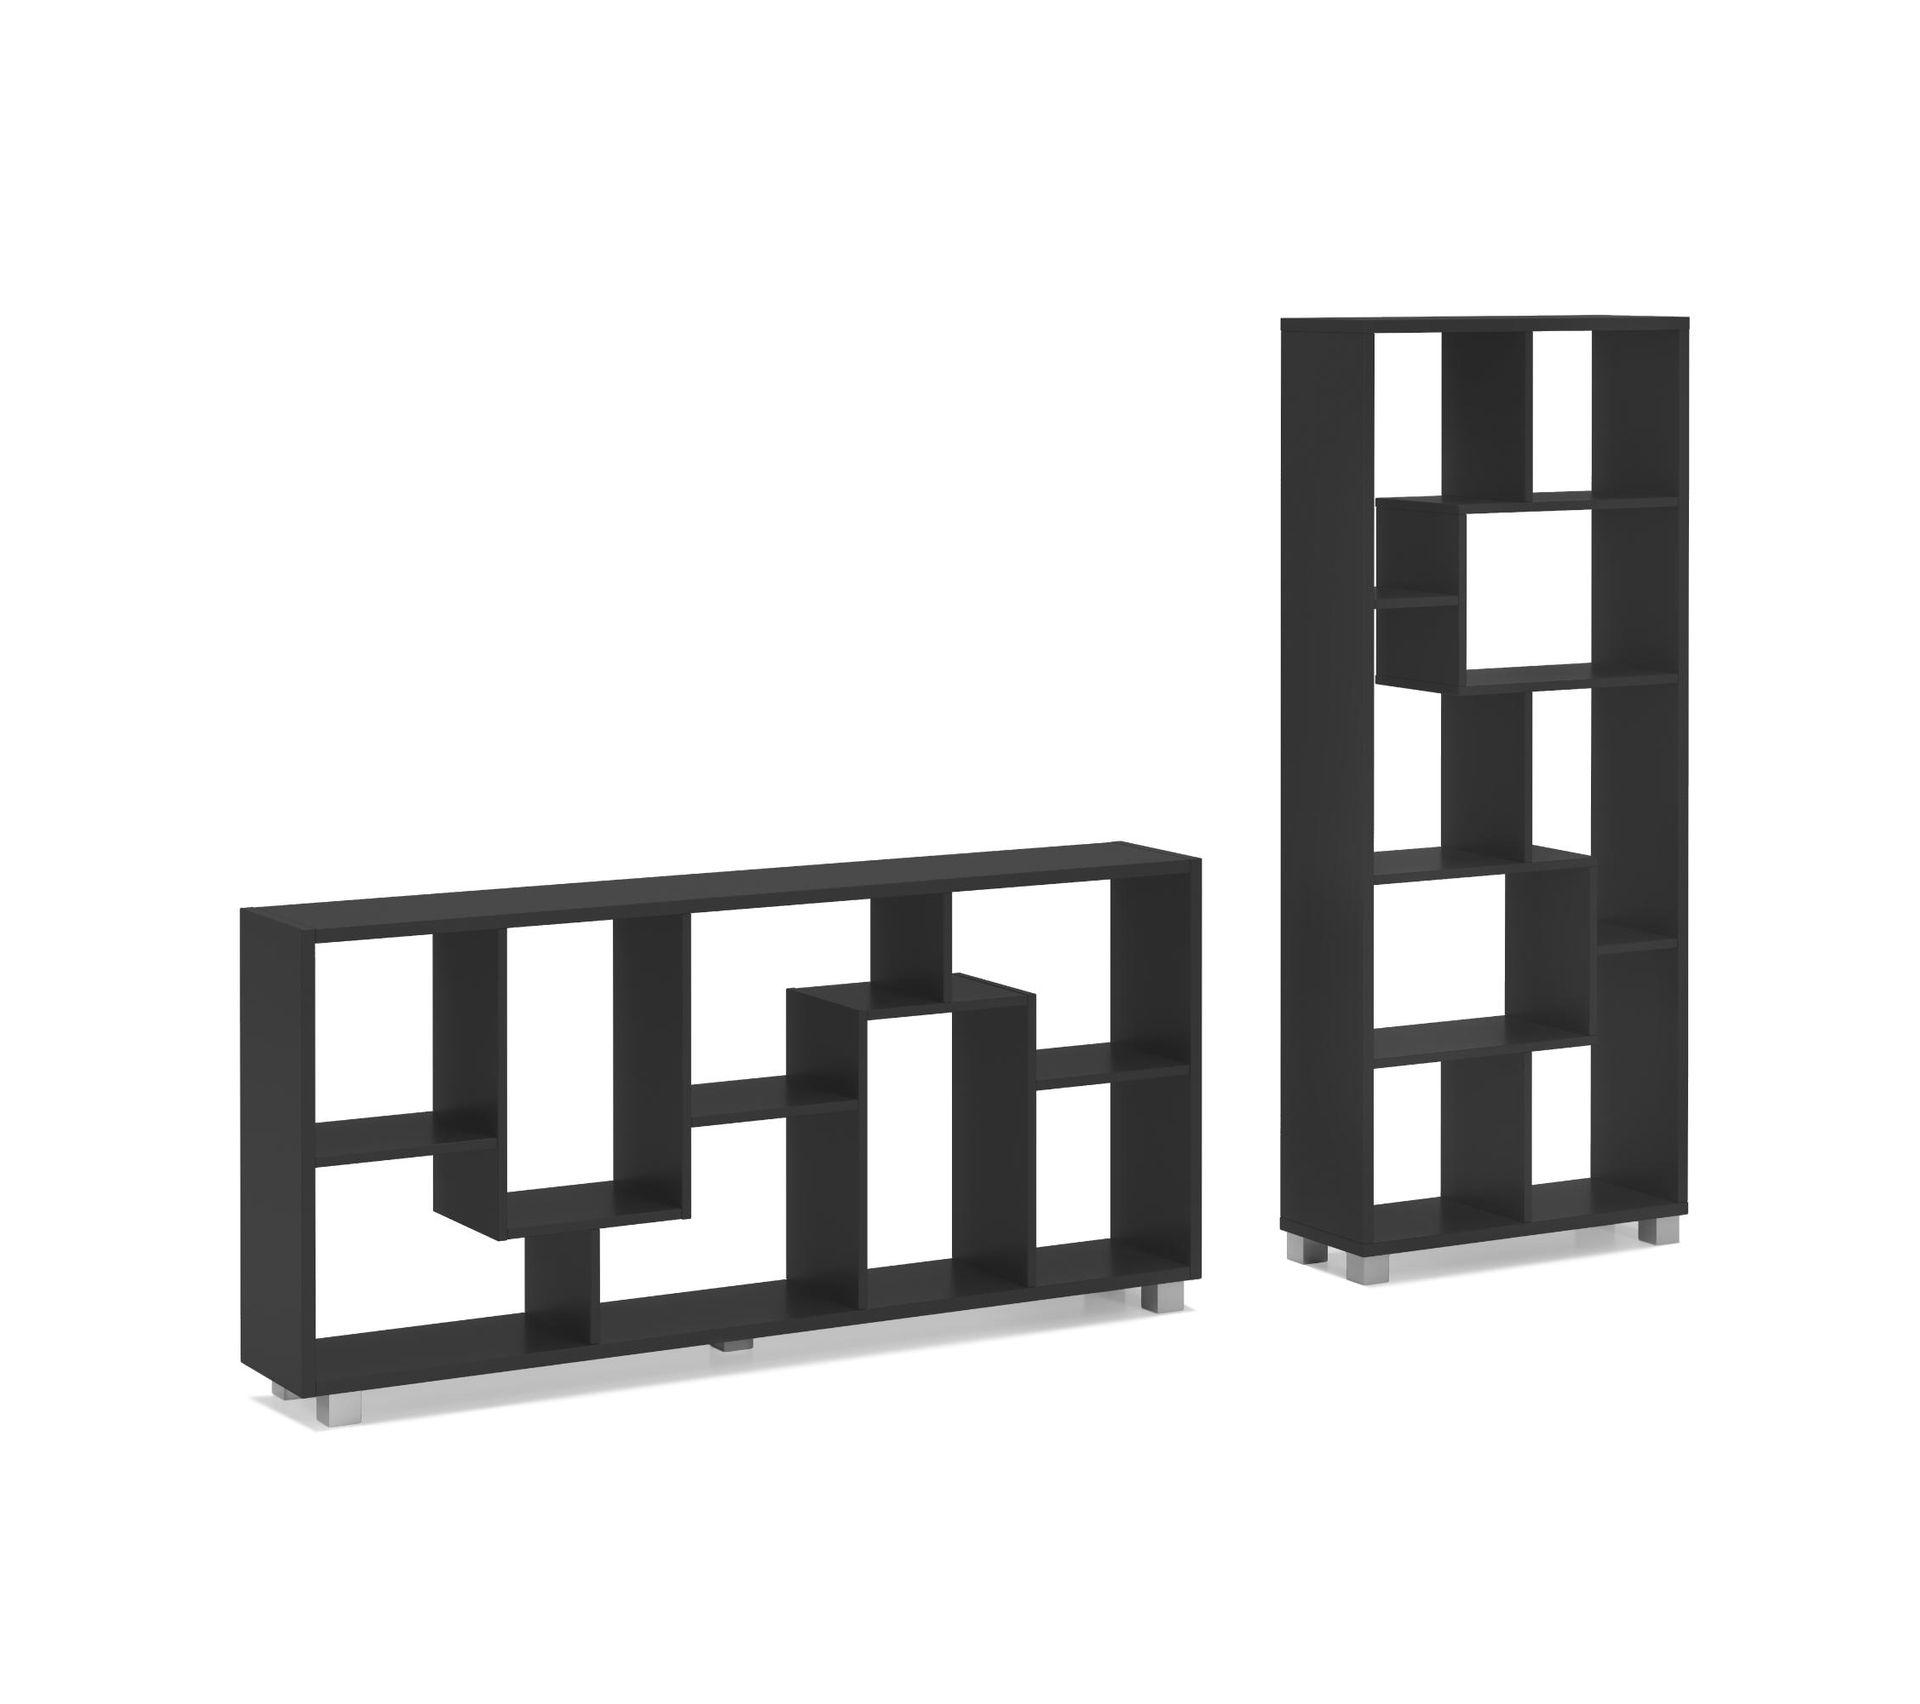 Etagere A Poser Sur Plan Travail Étagère bibliothèque,horizontal/vertical.noir